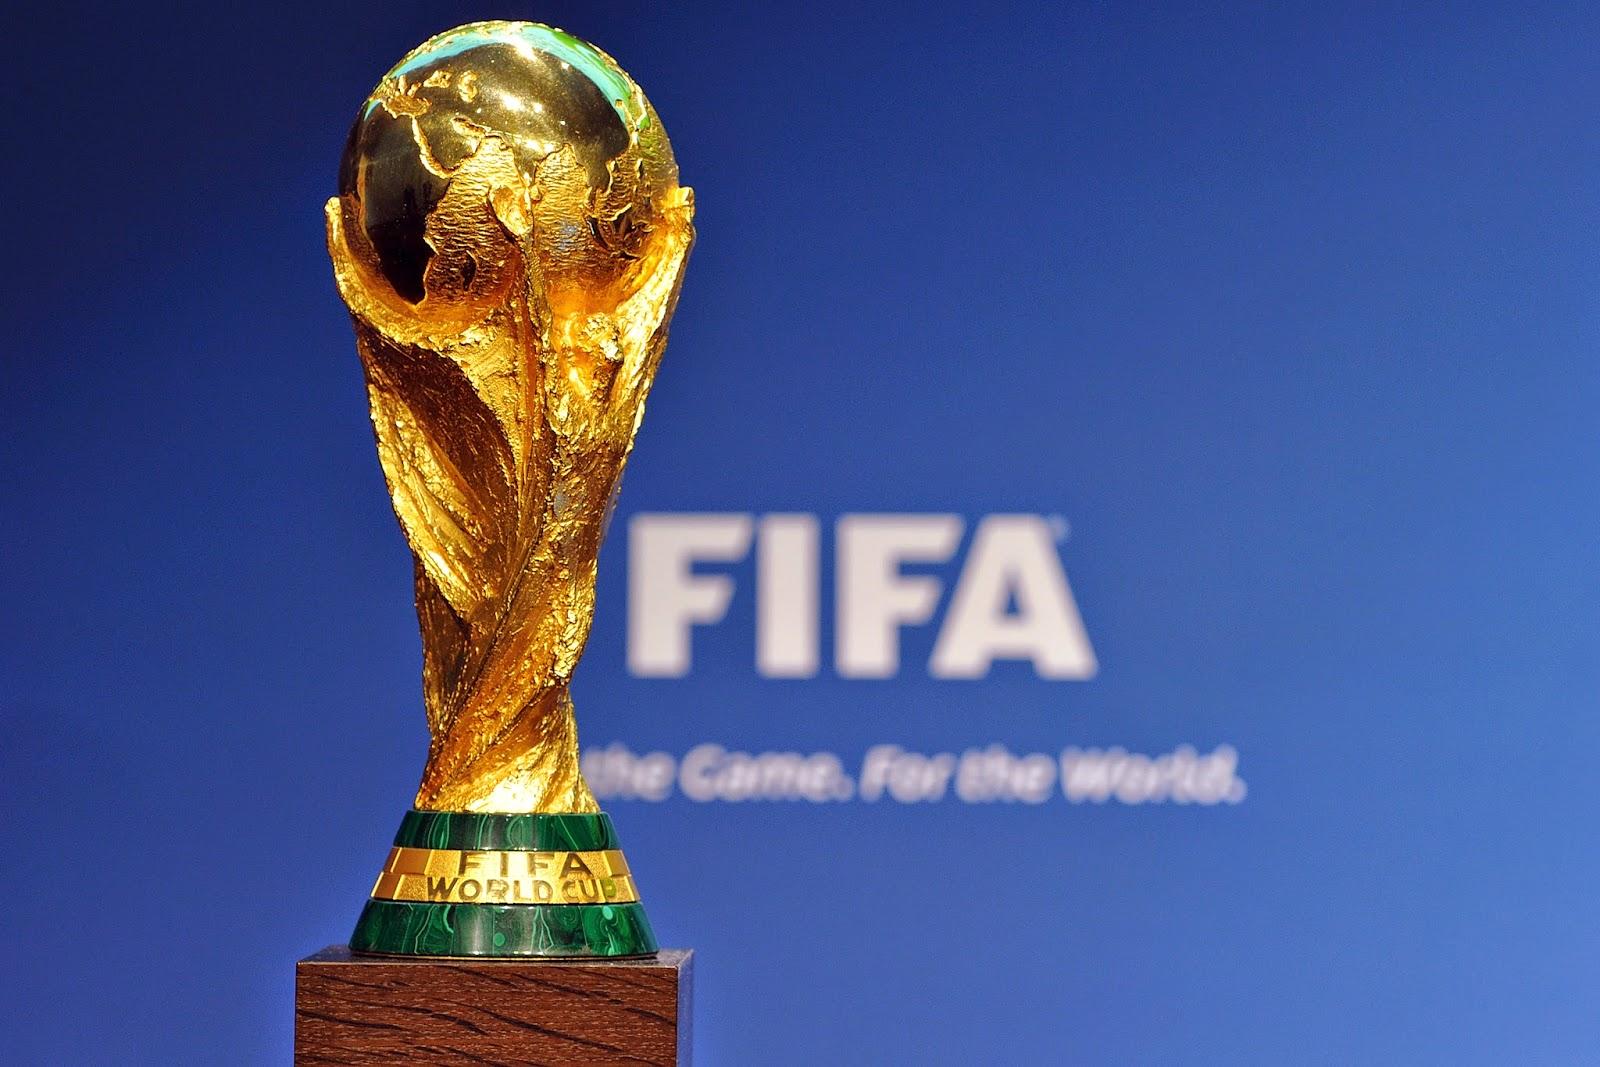 Daftar Juara Piala Dunia/World Cup, Daftar Negara Pemenang Piala Dunia/World Cup